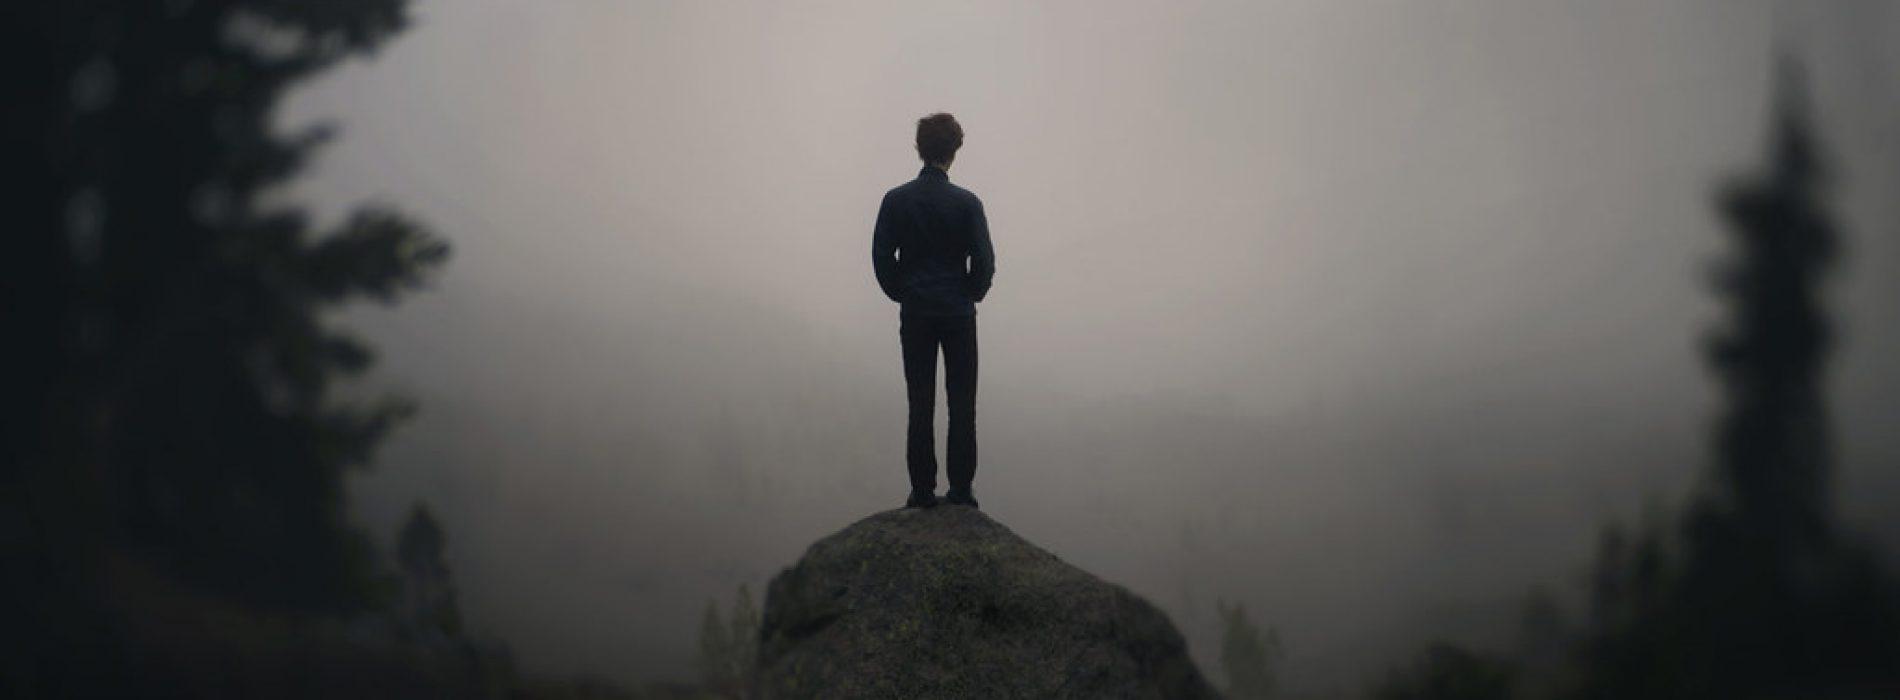 De wetenschap zegt dat stilte essentieel is voor onze hersenen